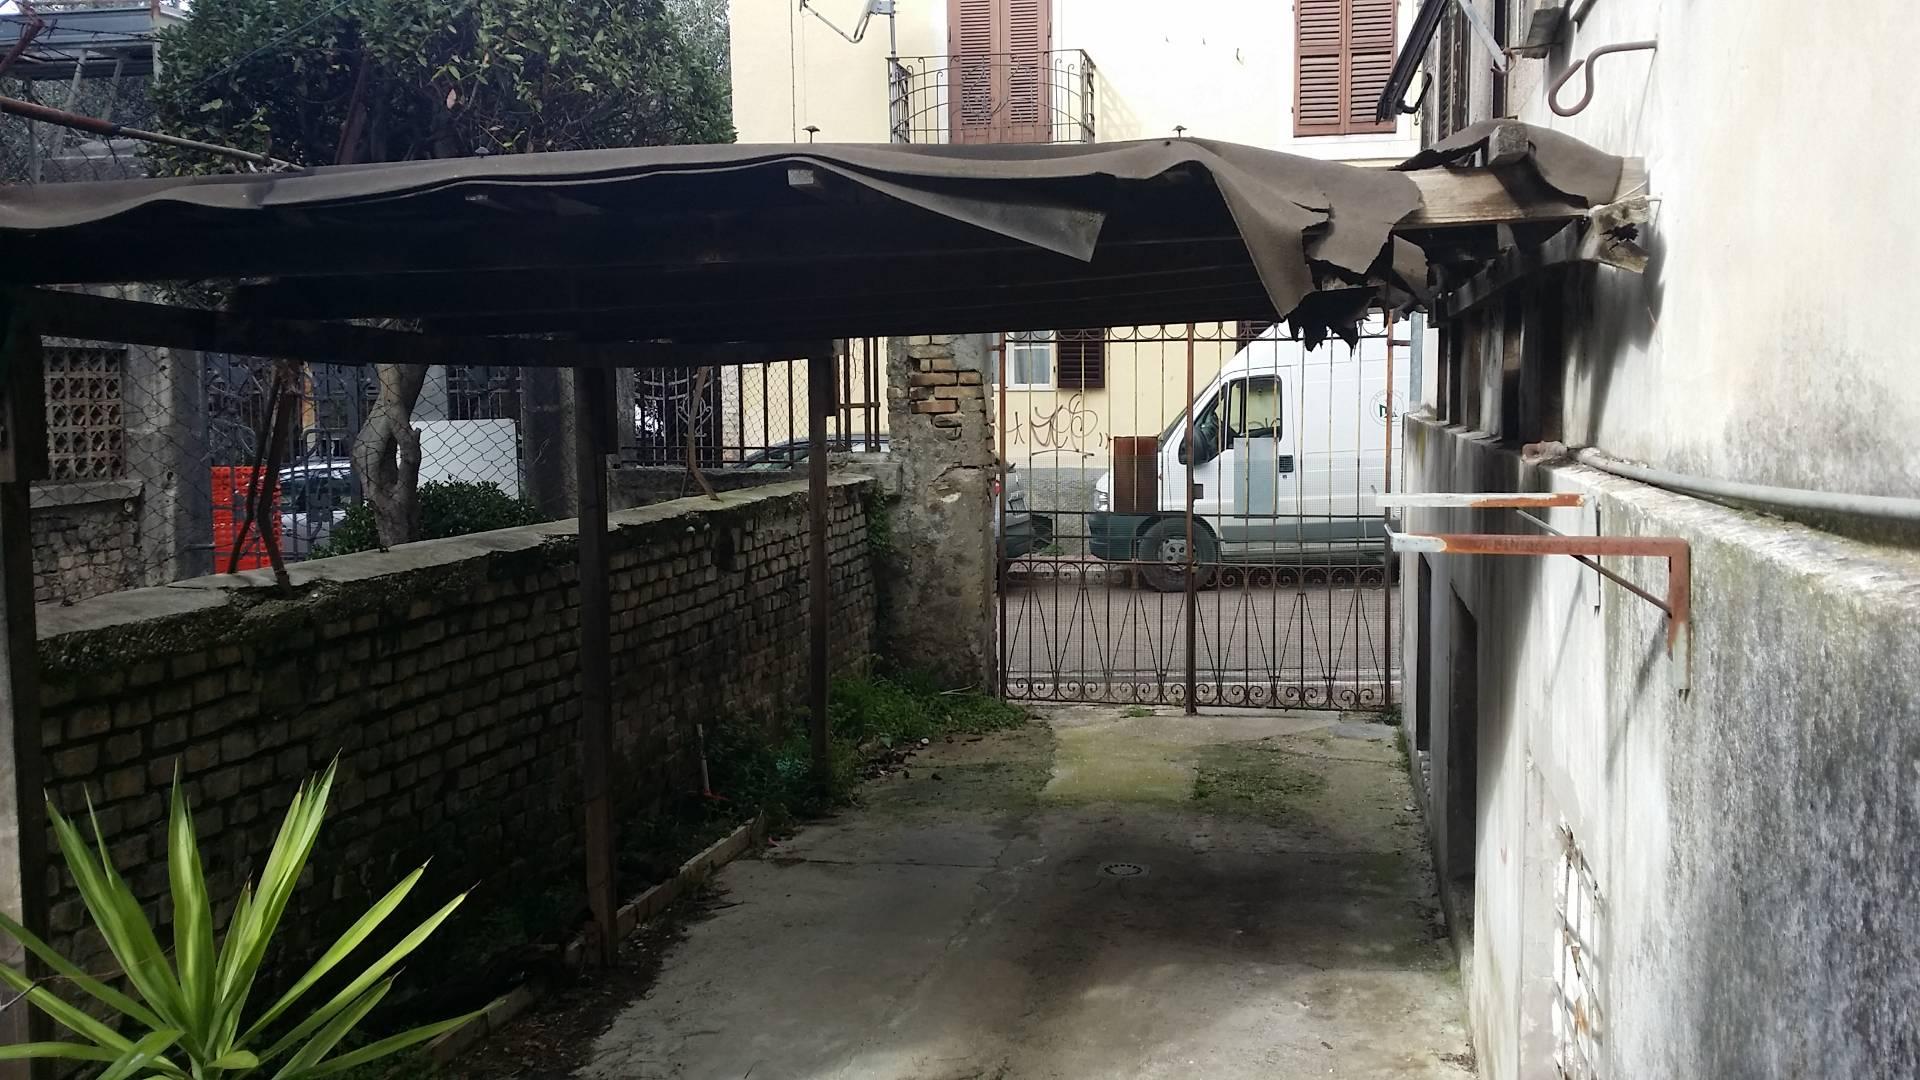 Appartamento in vendita a Ascoli Piceno, 6 locali, zona Località: BorgoSolestà, prezzo € 198.000 | Cambio Casa.it